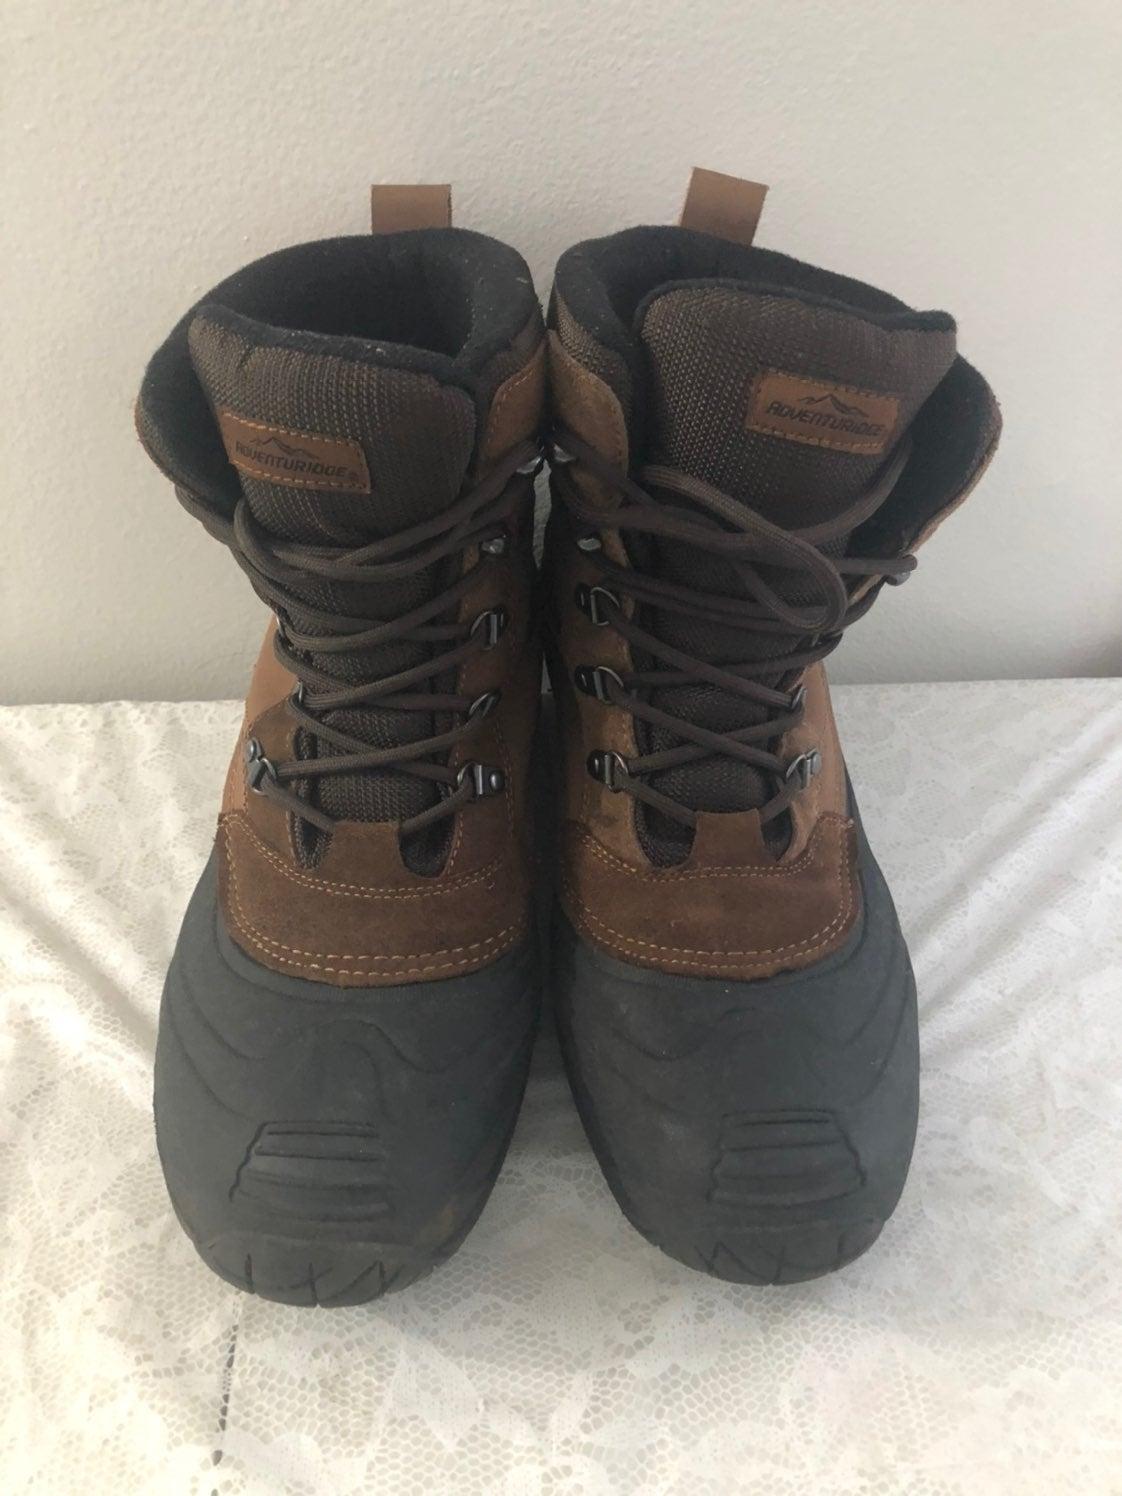 Mens waterproof AdventurRidge Work Boots